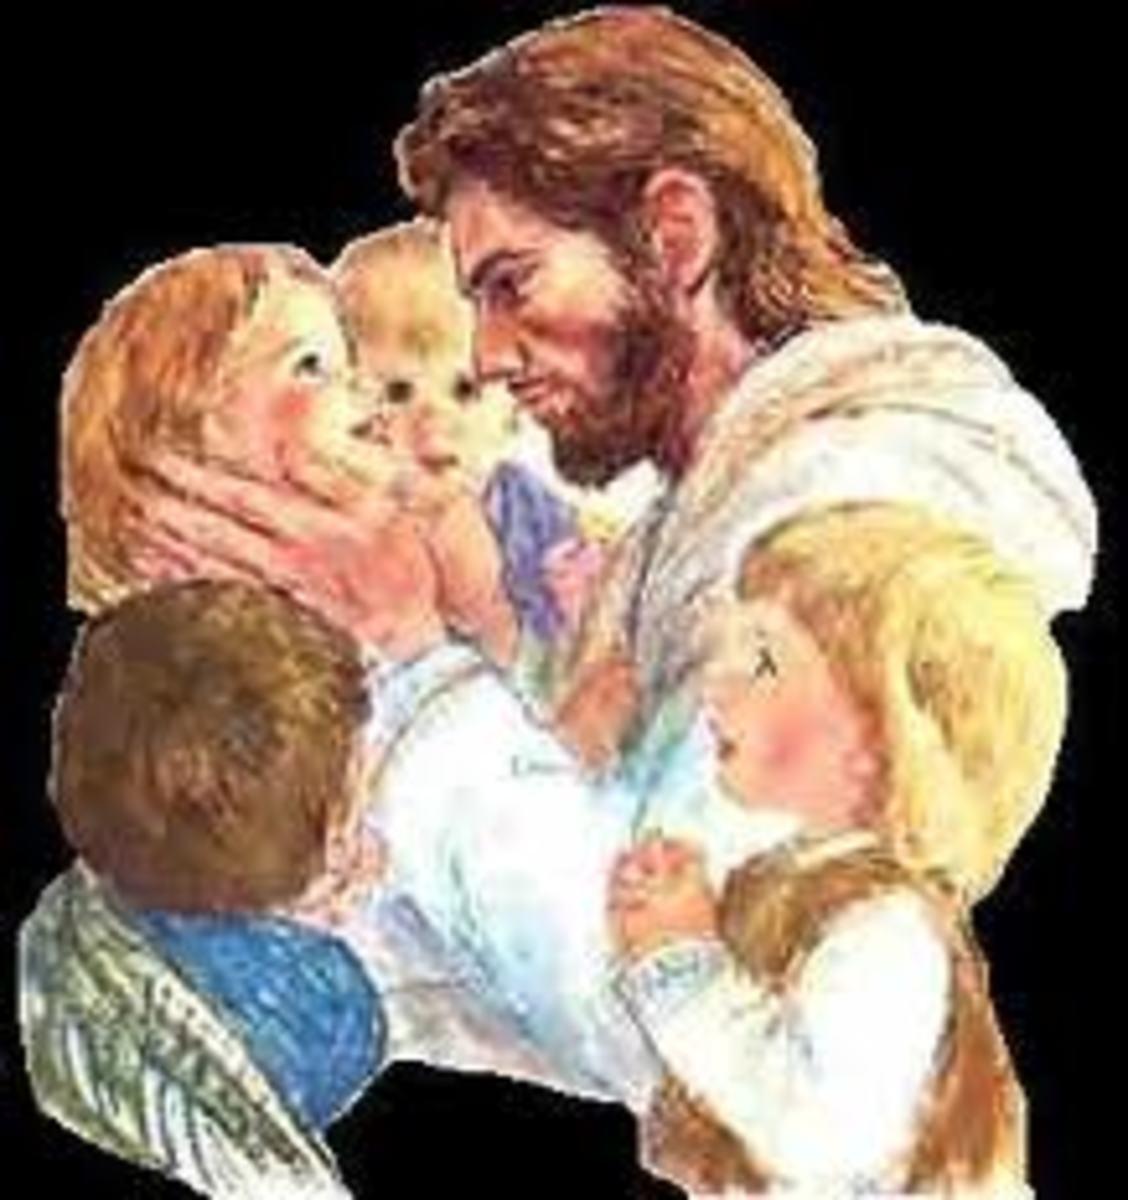 Jesus loves all children.